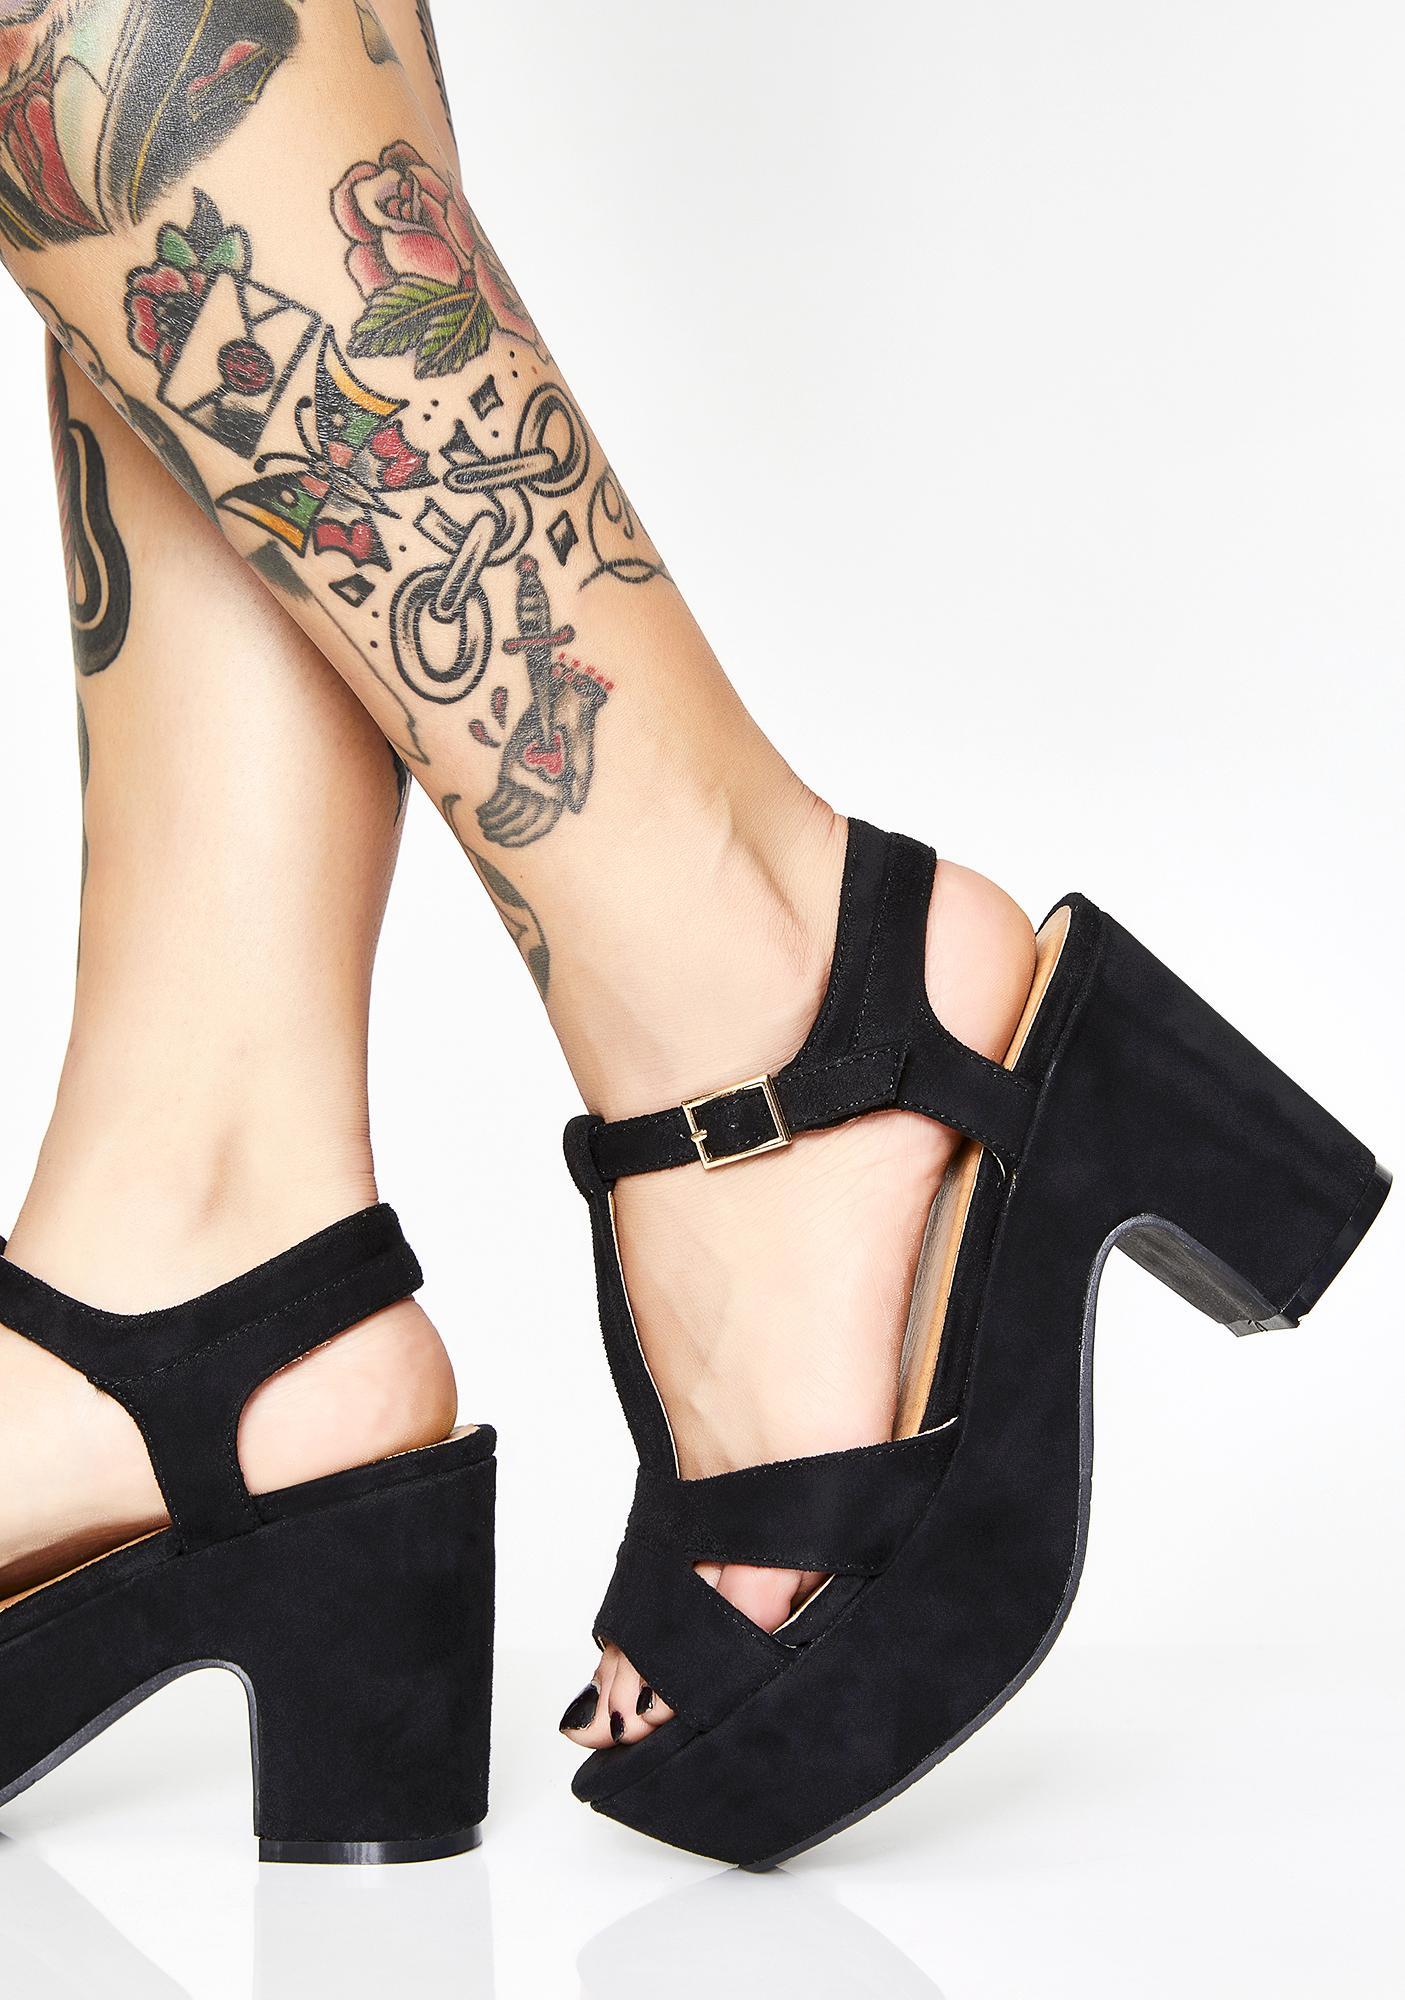 db4d3001121 Black Suede Platform Sandals